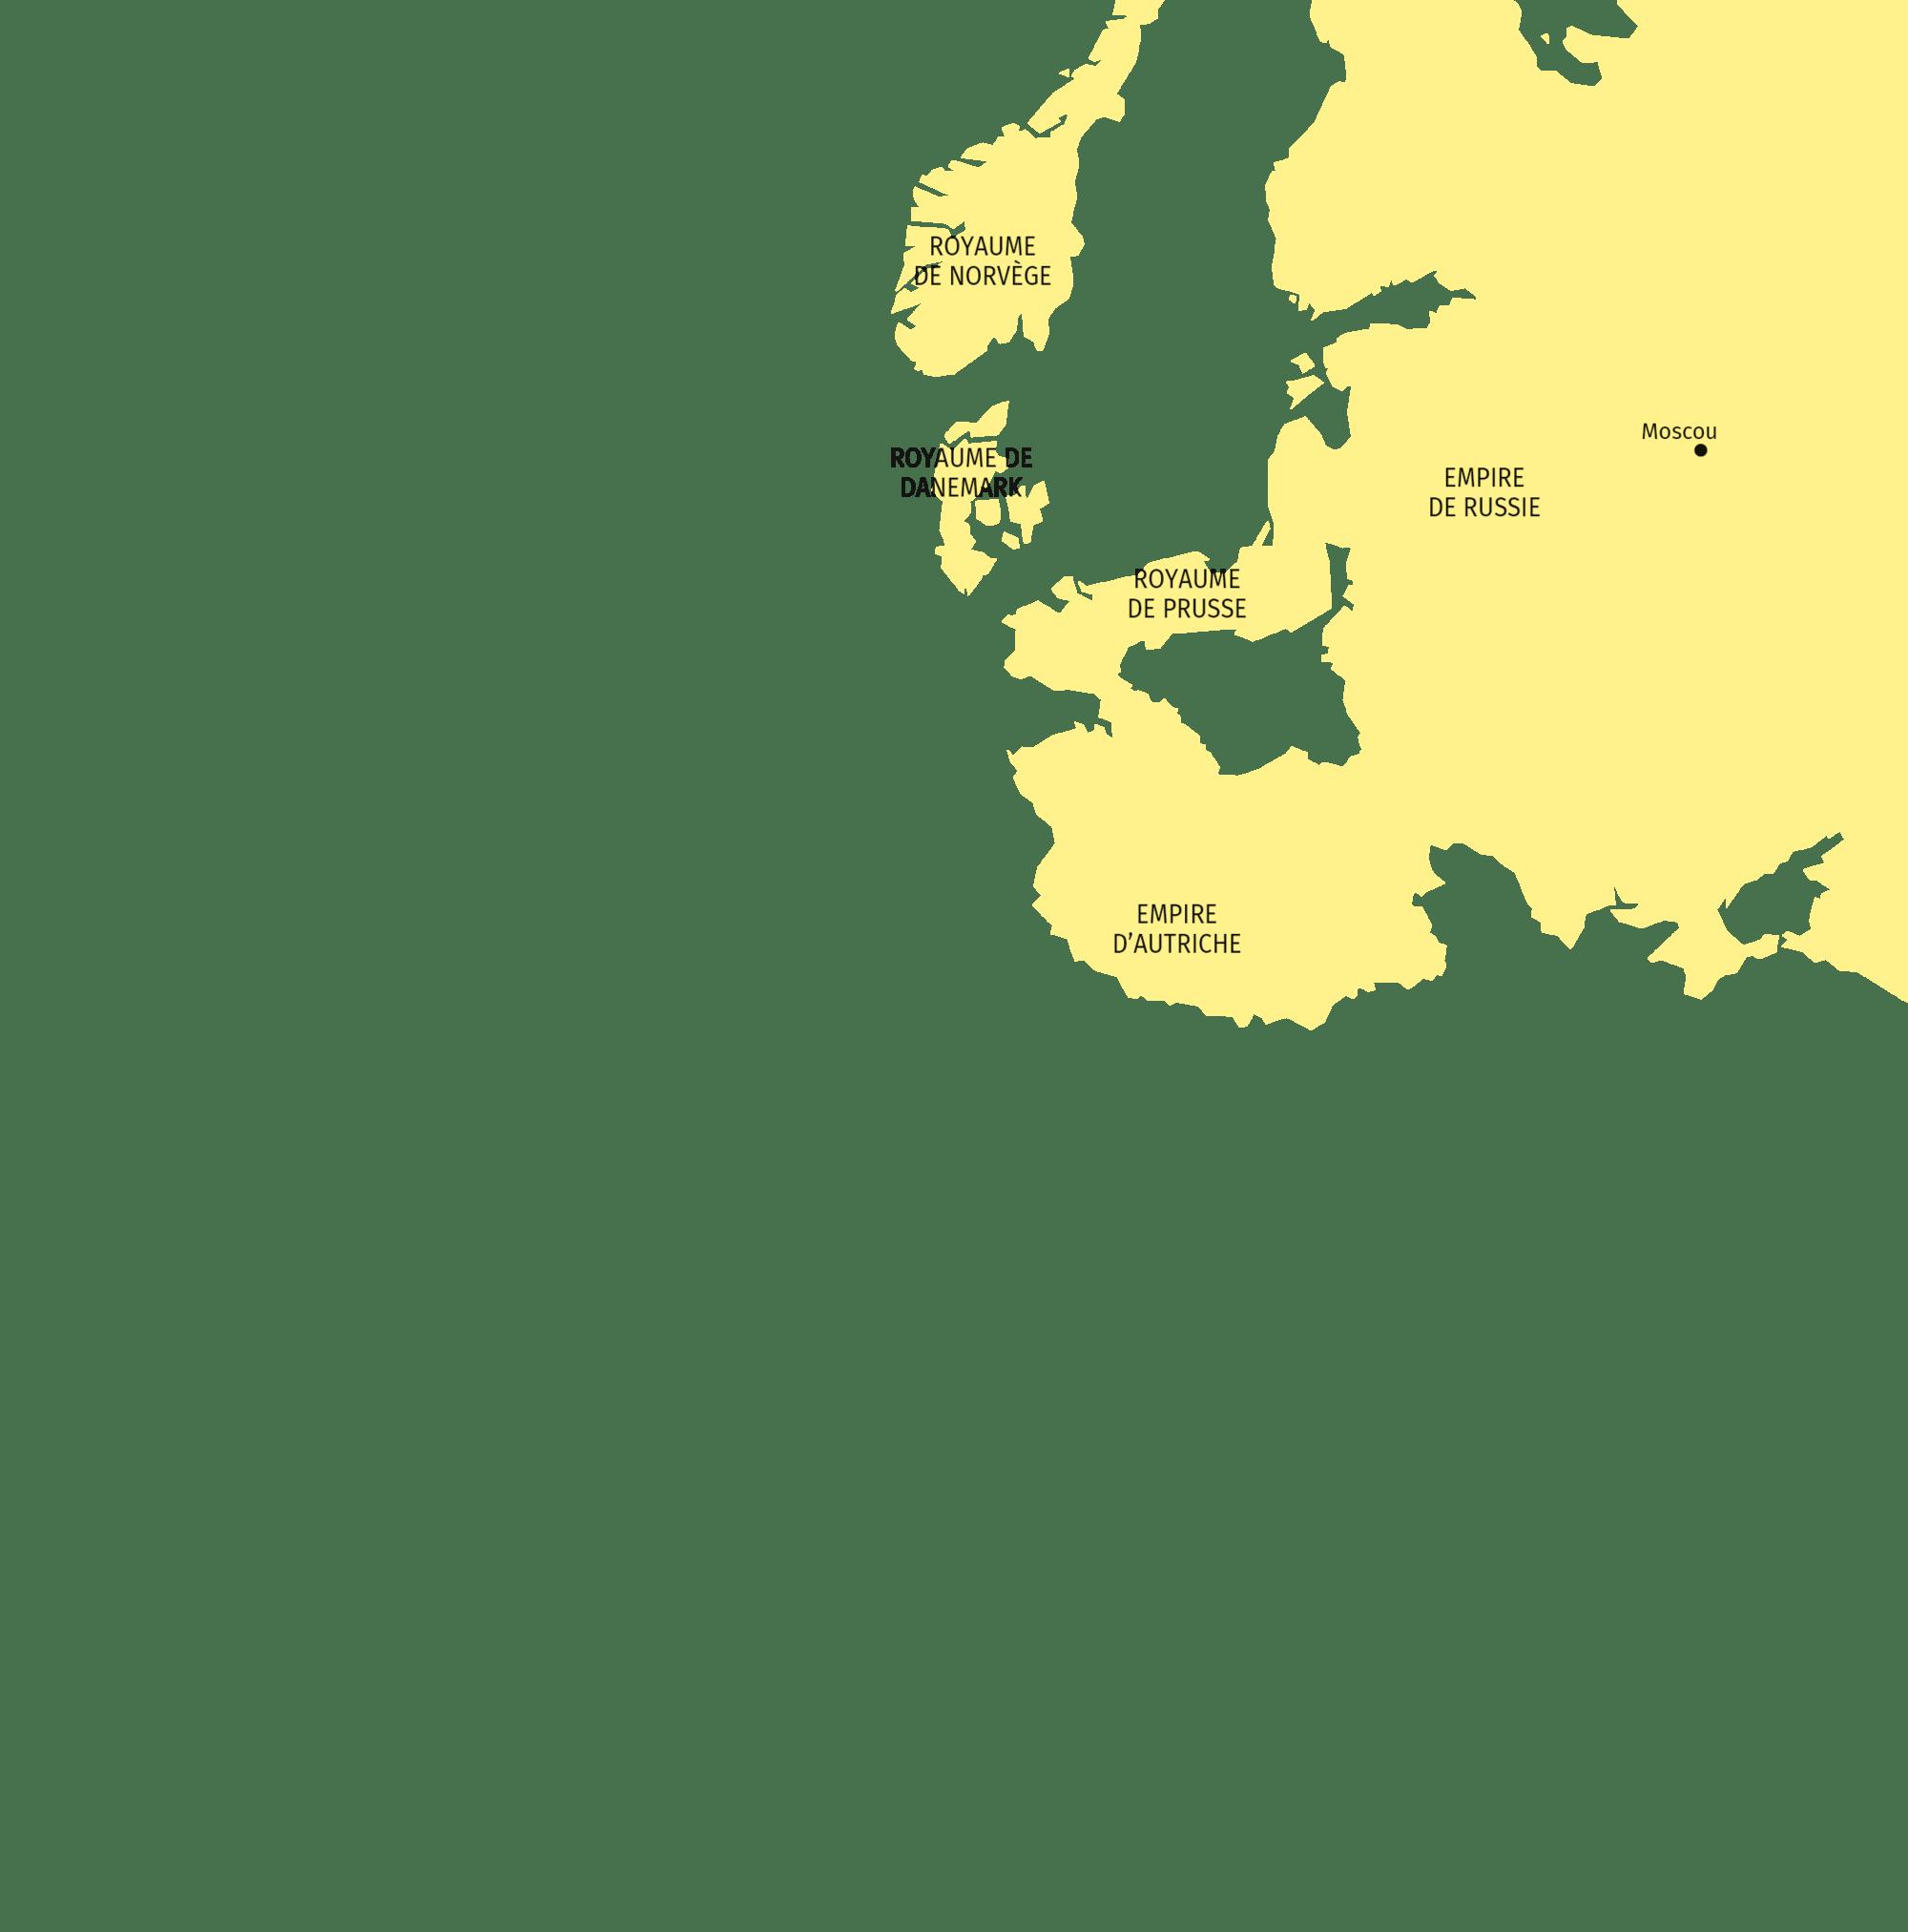 Puissances Allies De La France